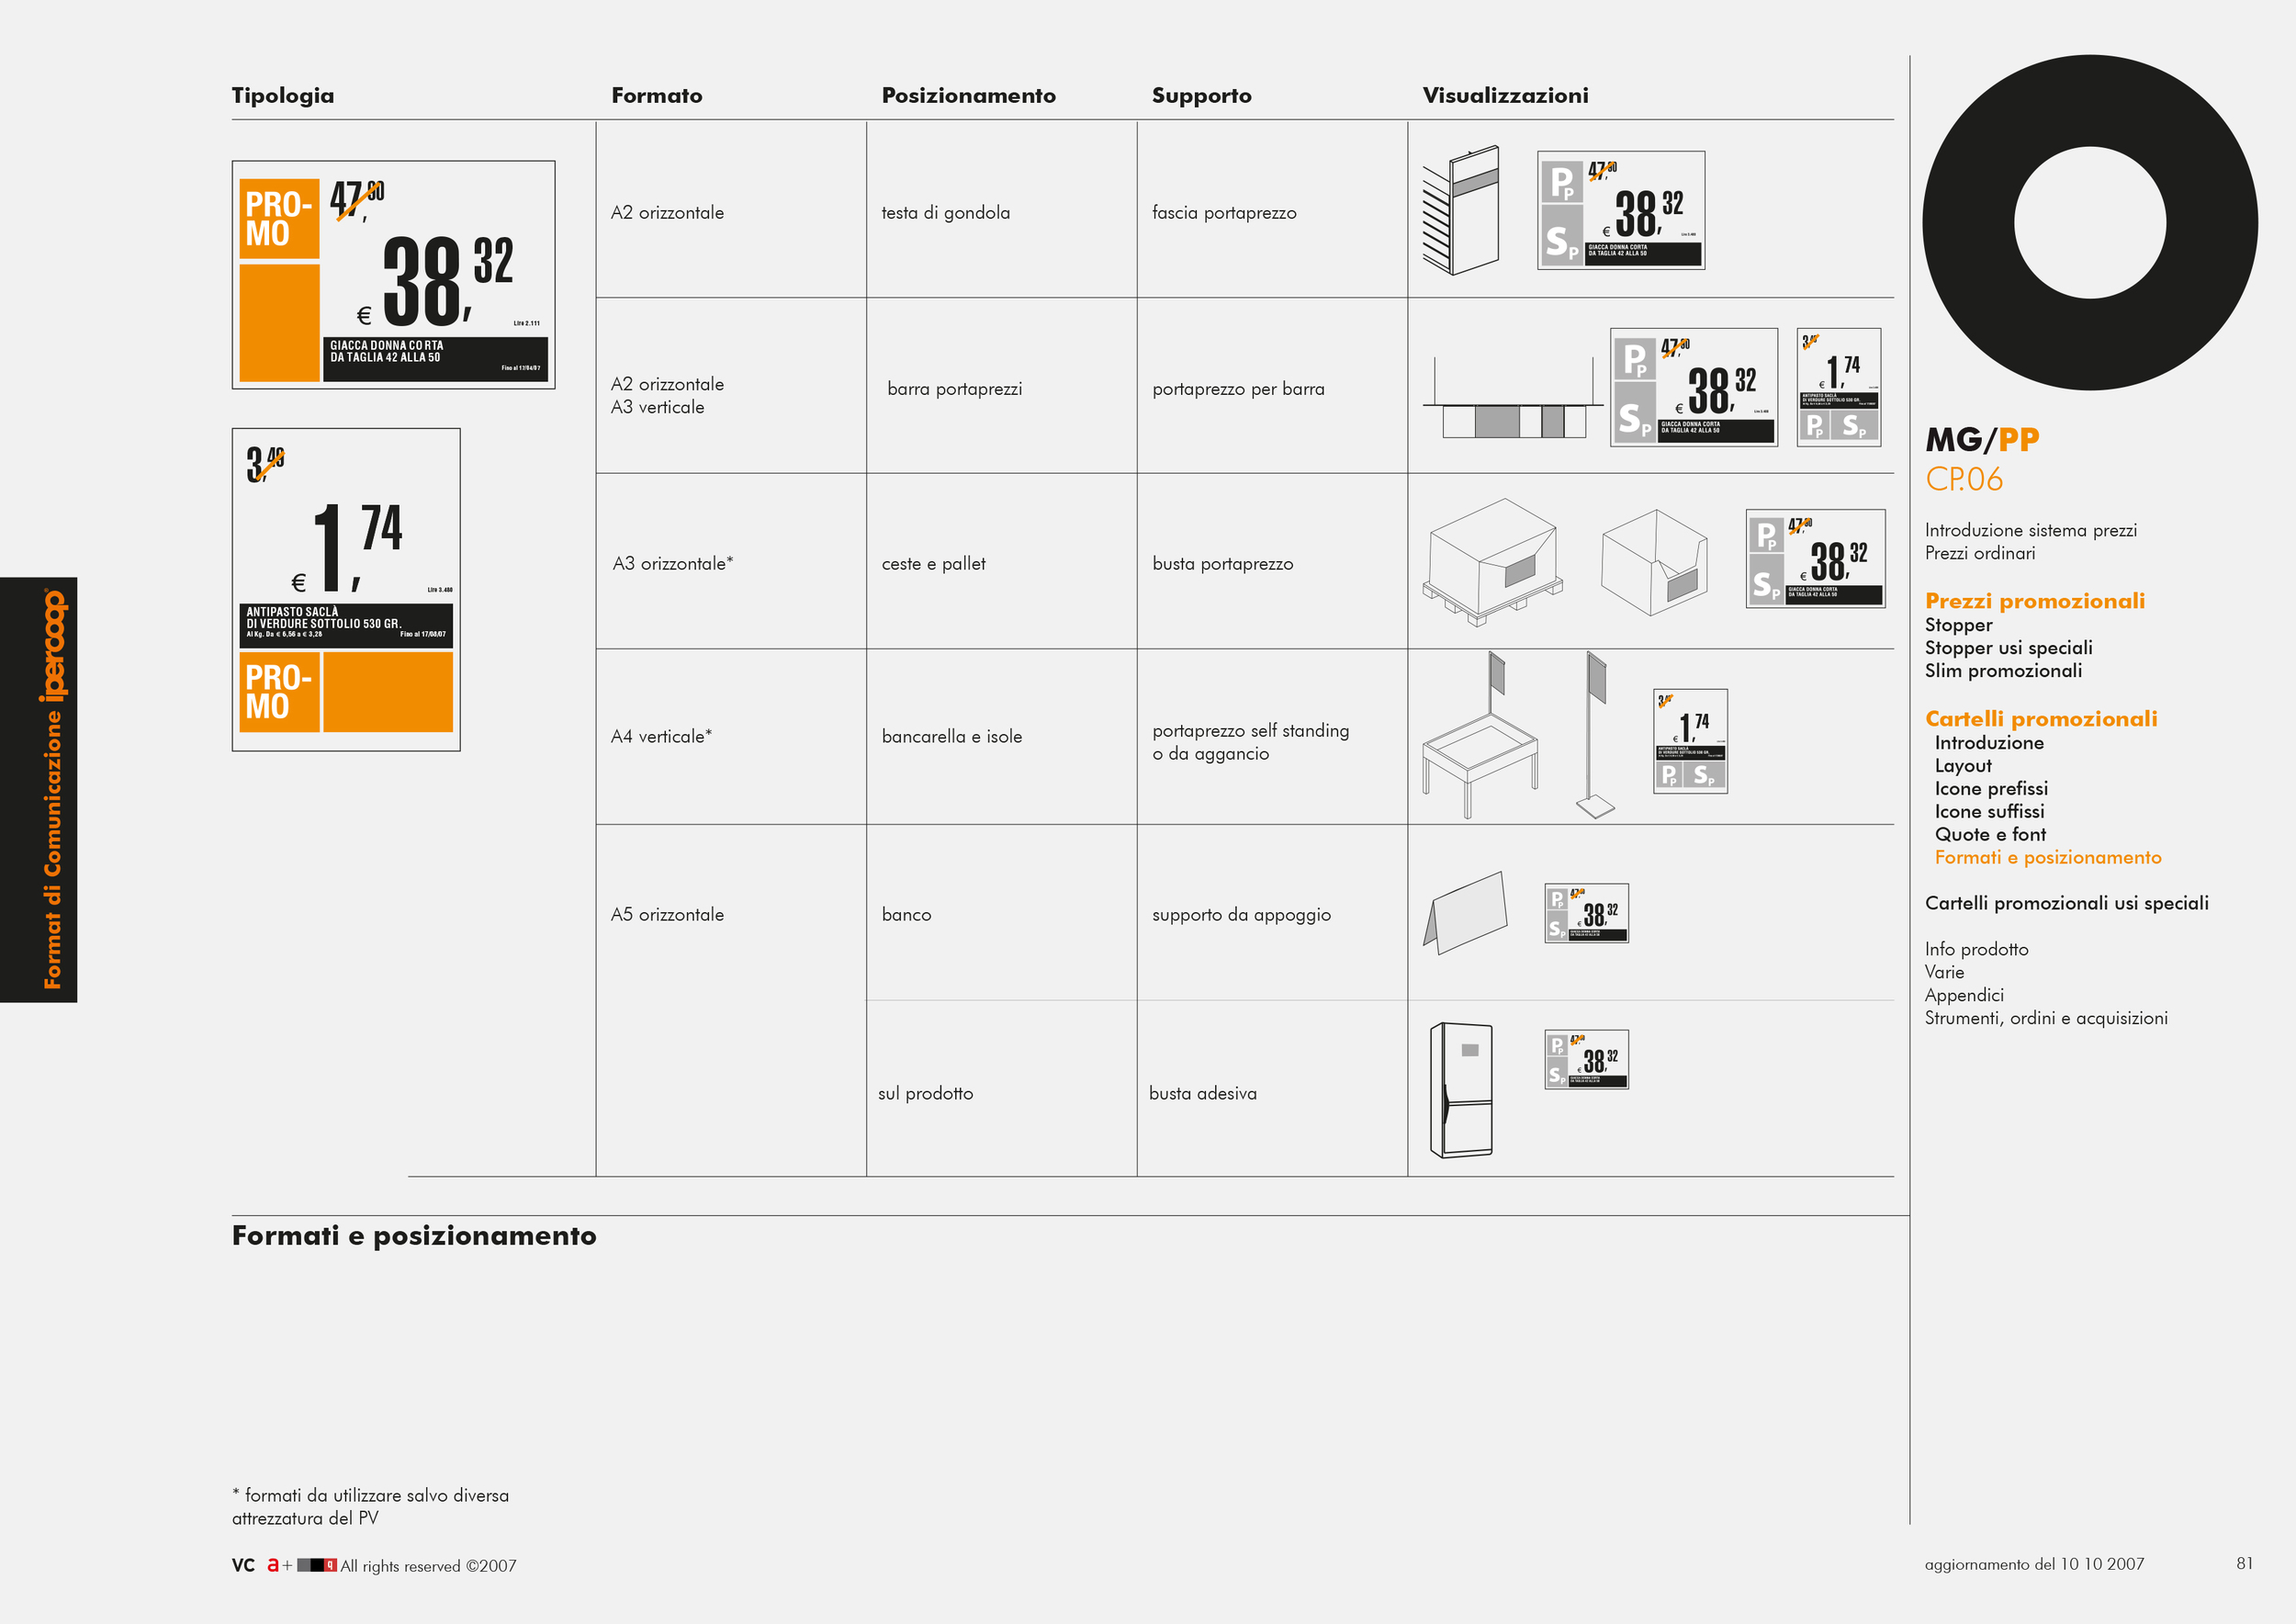 manuale-GRAFICO-23.jpg